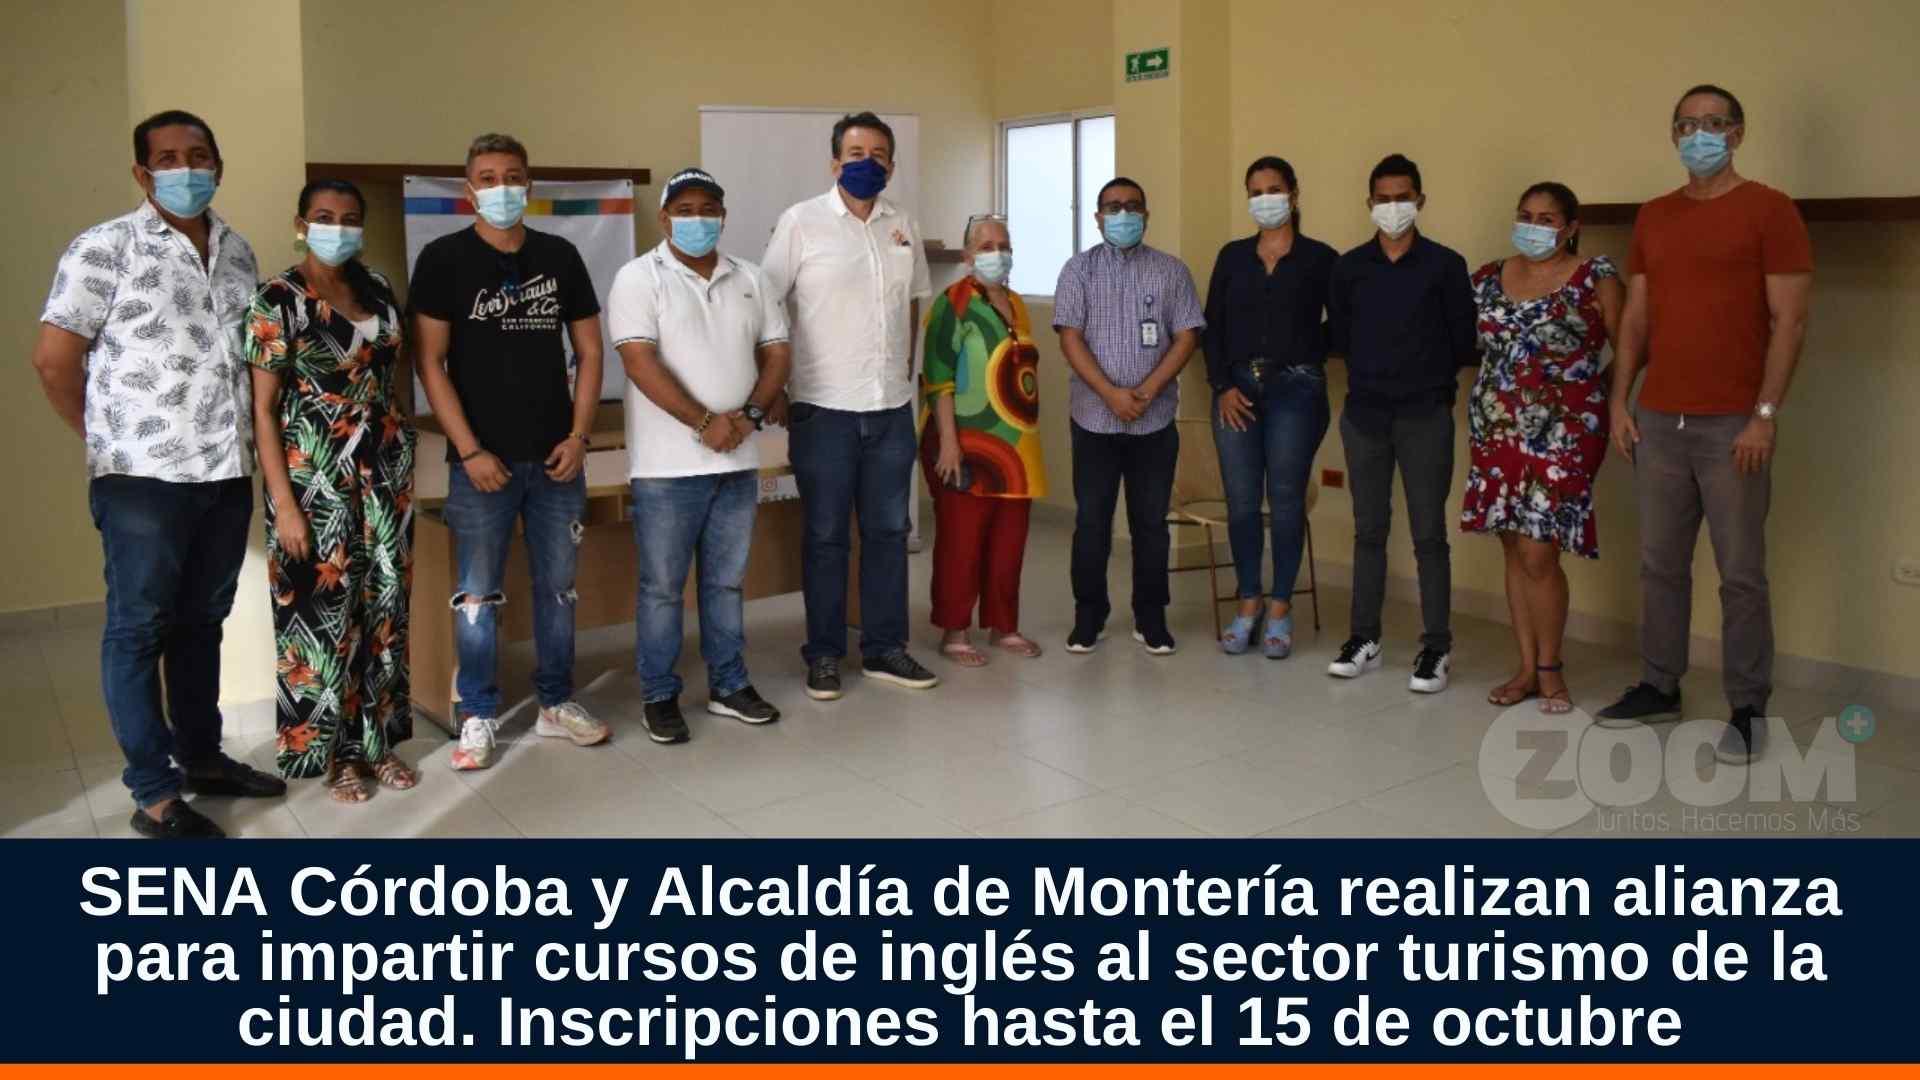 SENA Córdoba y Alcaldía de Montería realizan alianza para impartir cursos de inglés al sector turismo de la ciudad.